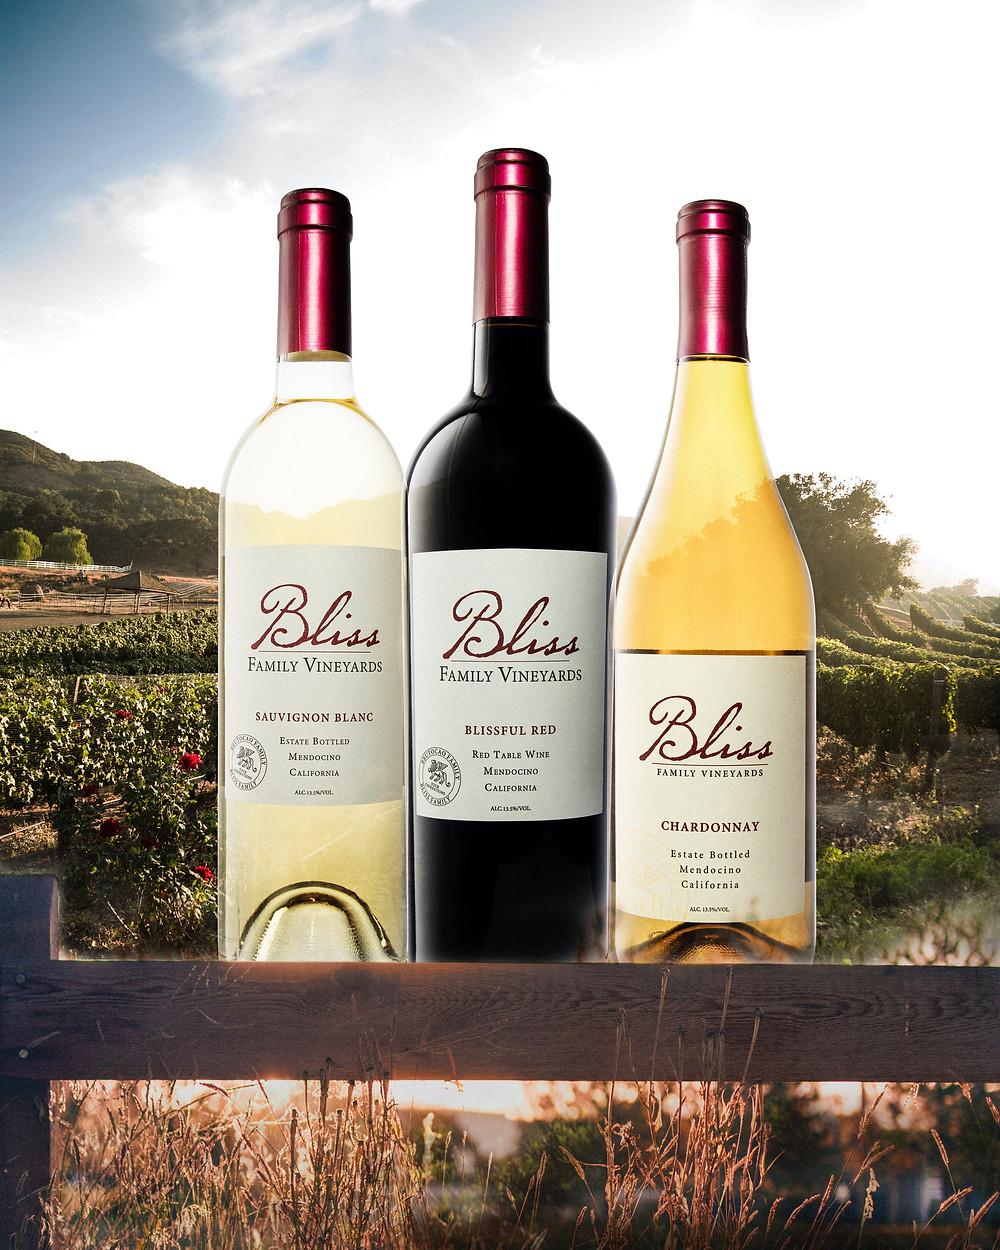 California Wine Bliss Family Vineyards